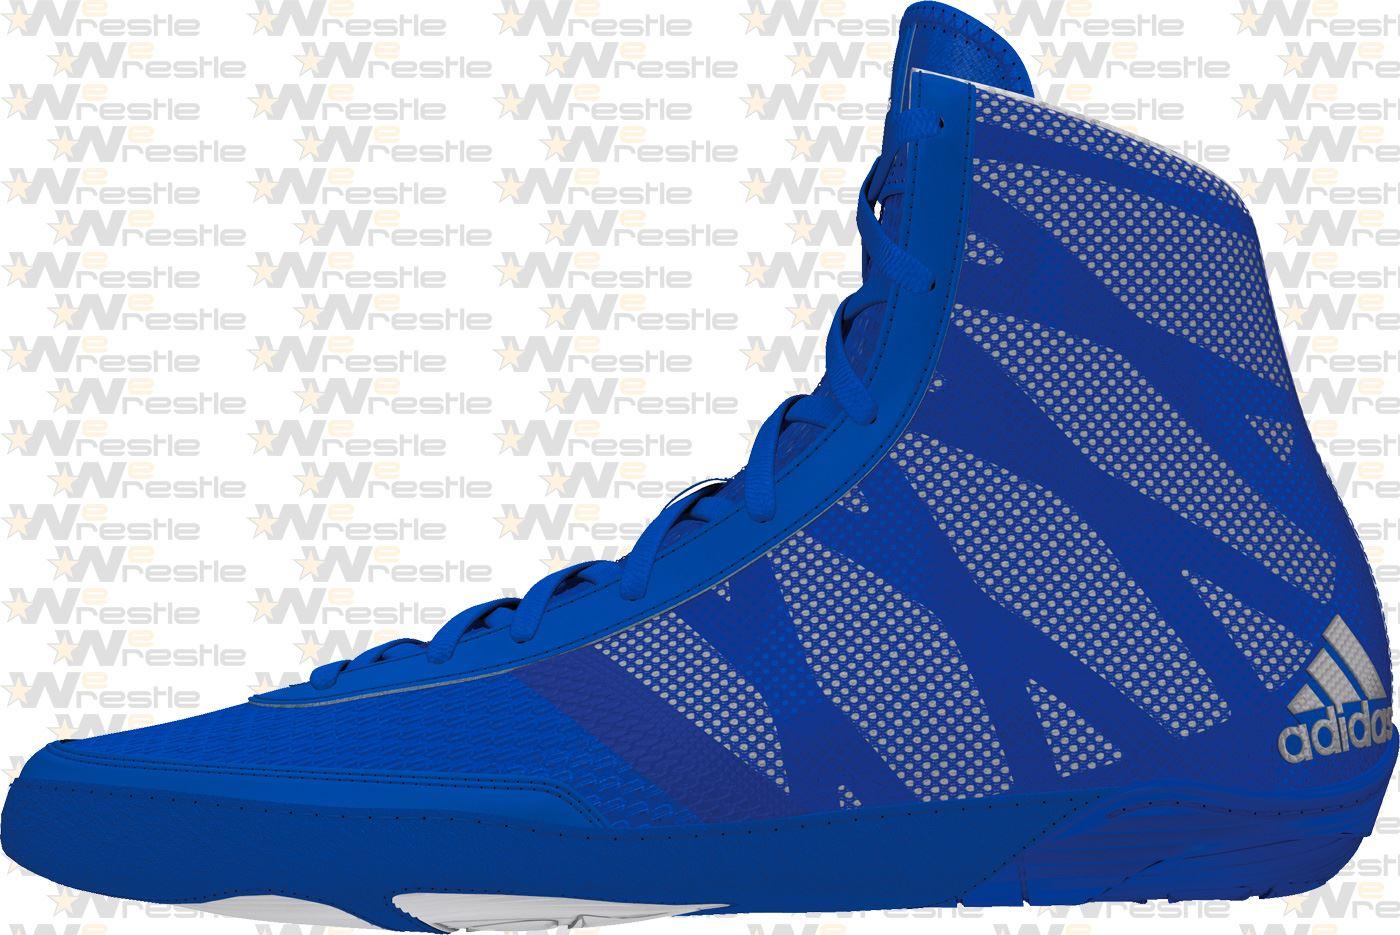 Pretereo Adidas Pretereo Worstelschoenen Pretereo Worstelschoenen Blauw Adidas Blauw Adidas Iii Iii Iii qAw5xatx